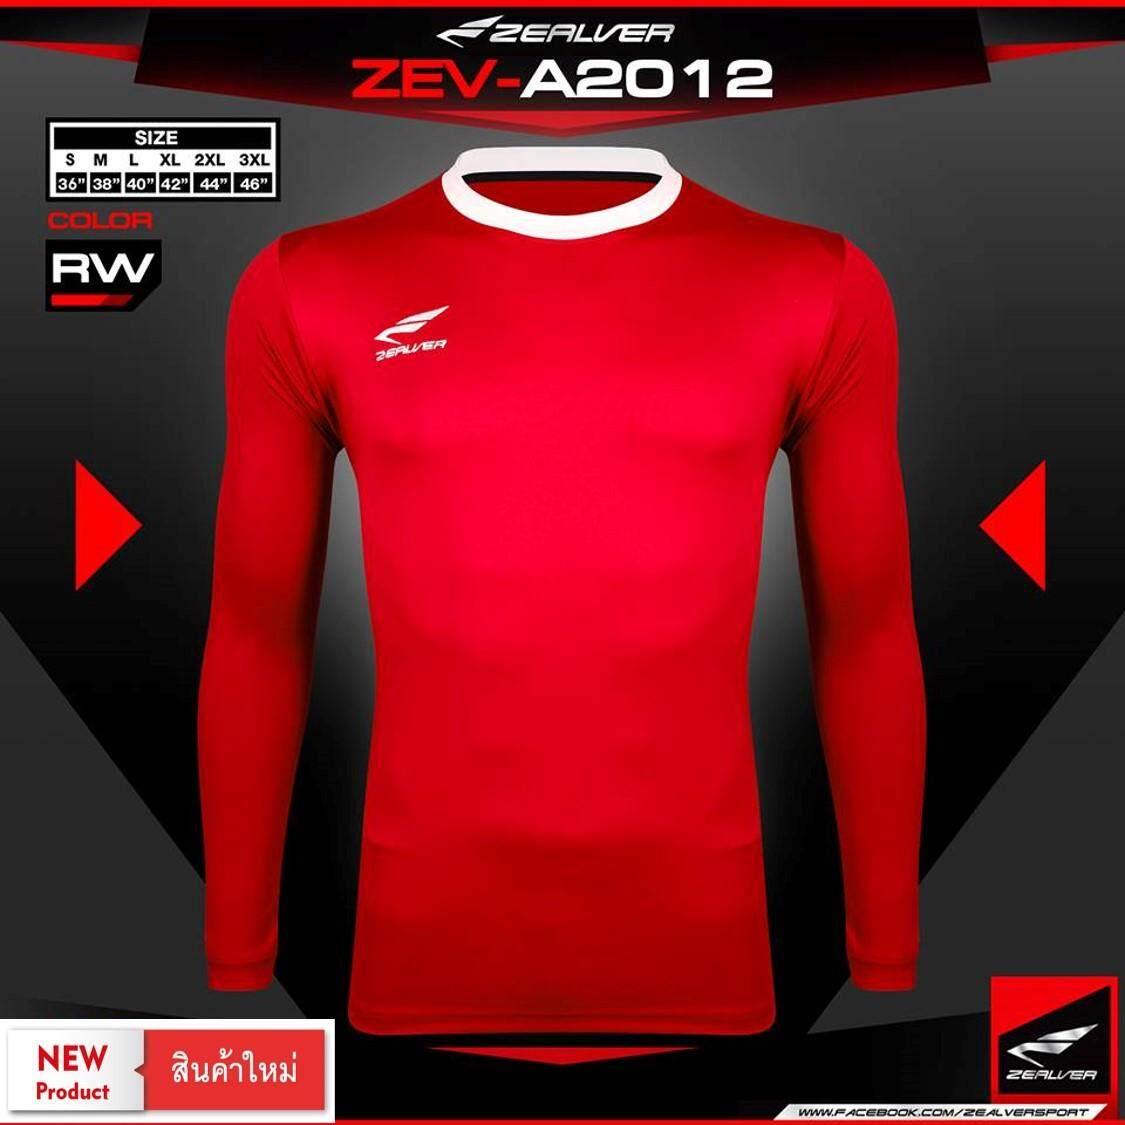 A2012 เสื้อกีฬา Zealver เบสิก แขนยาว ใส่ได้ทั้งชายและหญิง.